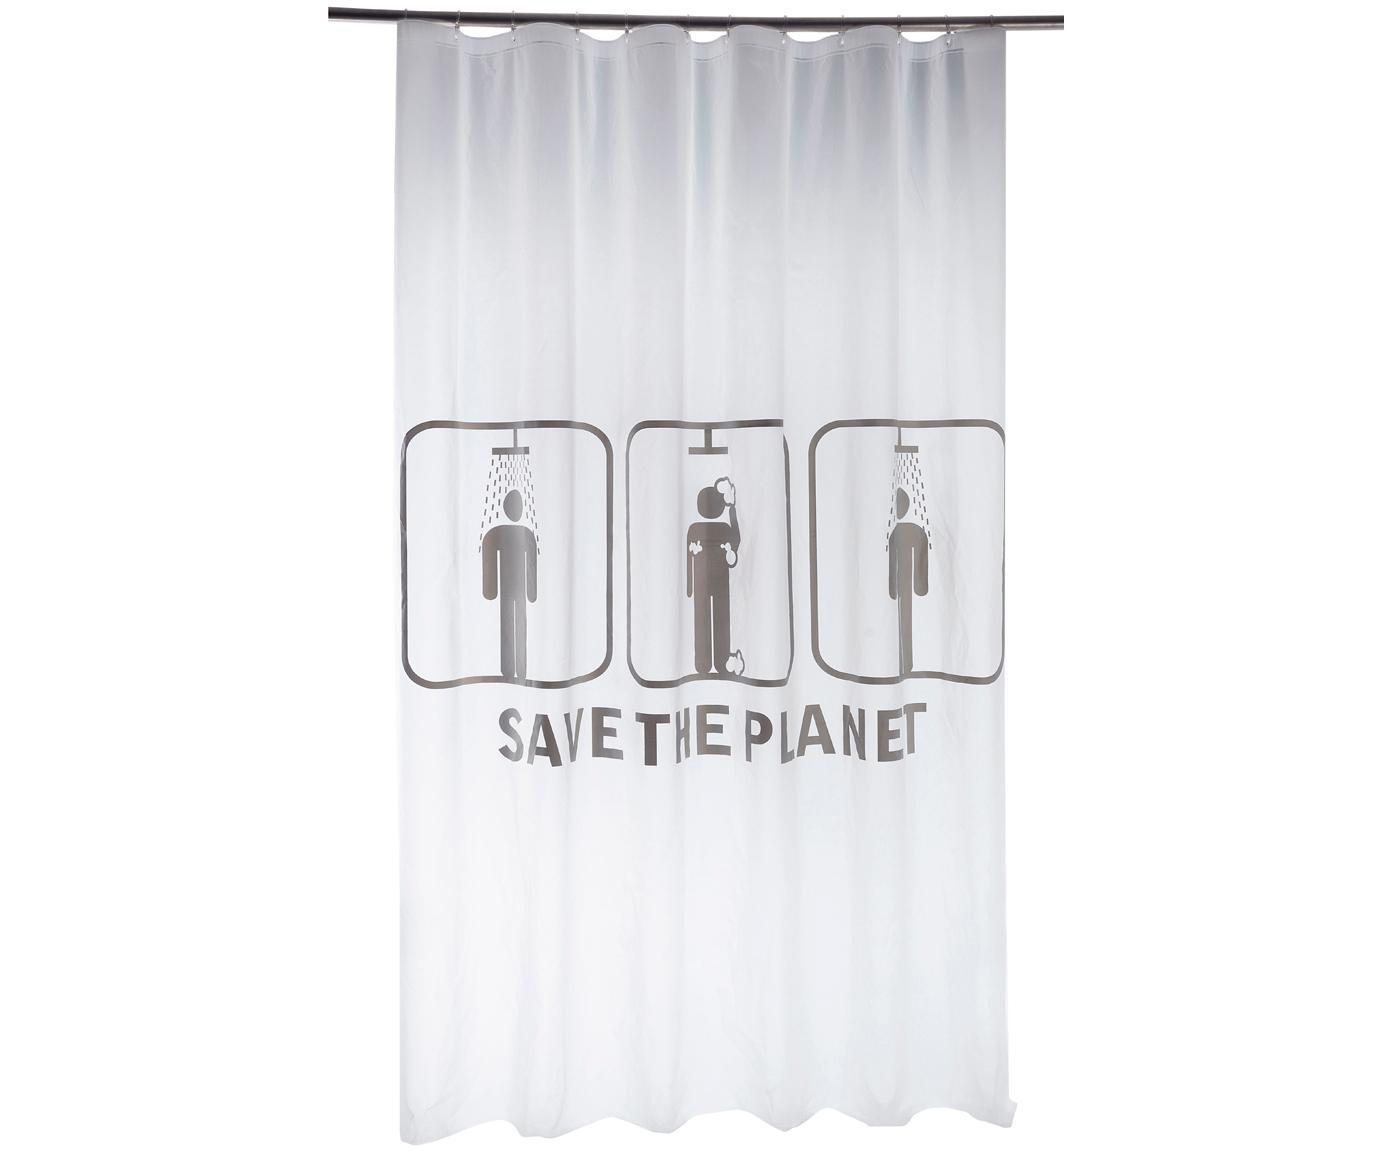 Douchegordijn Save the Planet, Wit, grijs, 180 x 200 cm